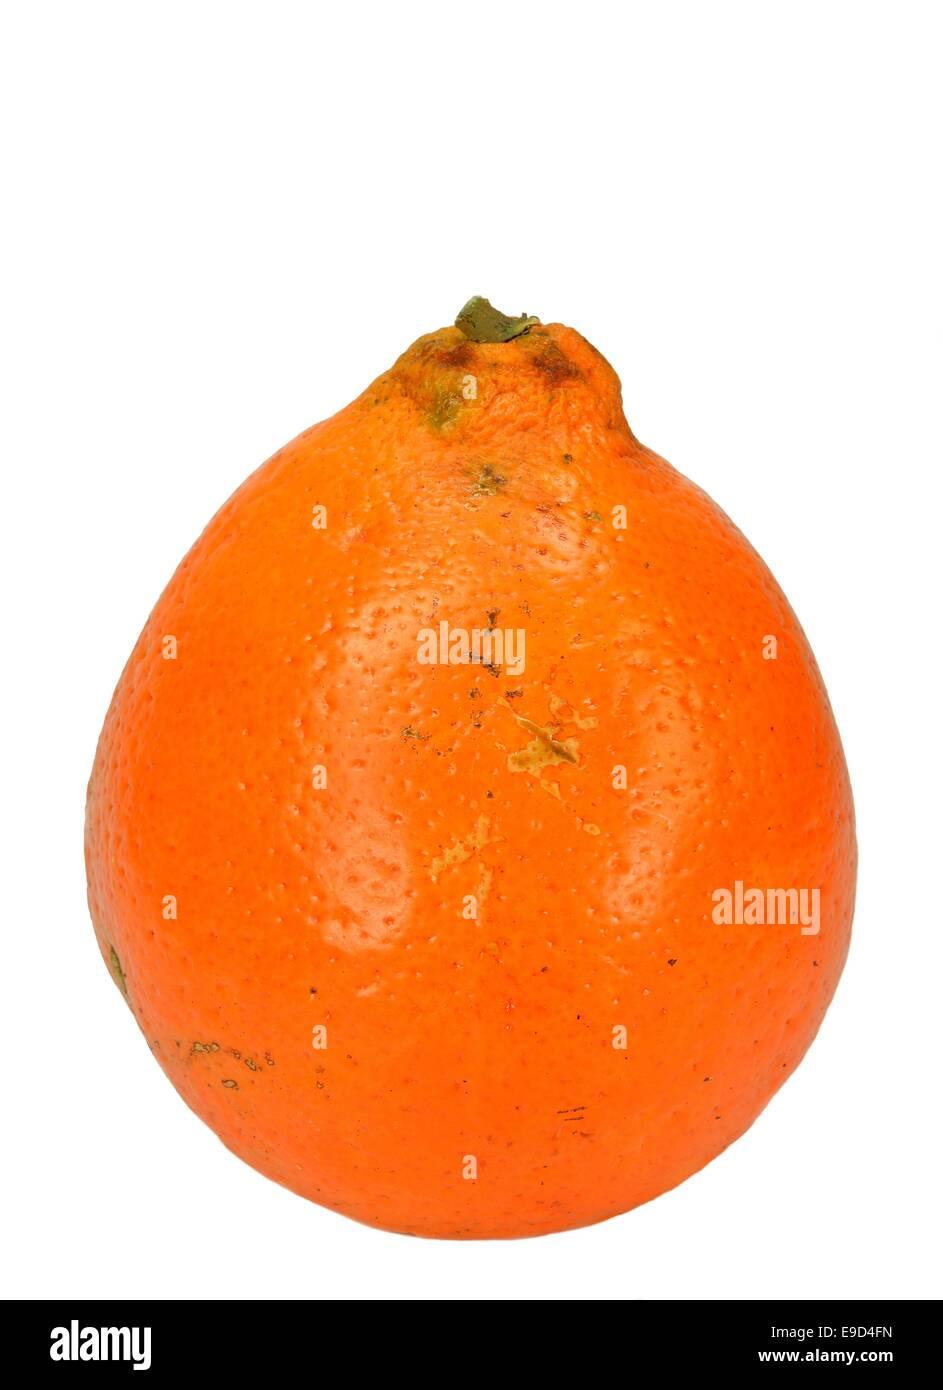 Mineola Tangelo (Honey Bell) orange. - Stock Image